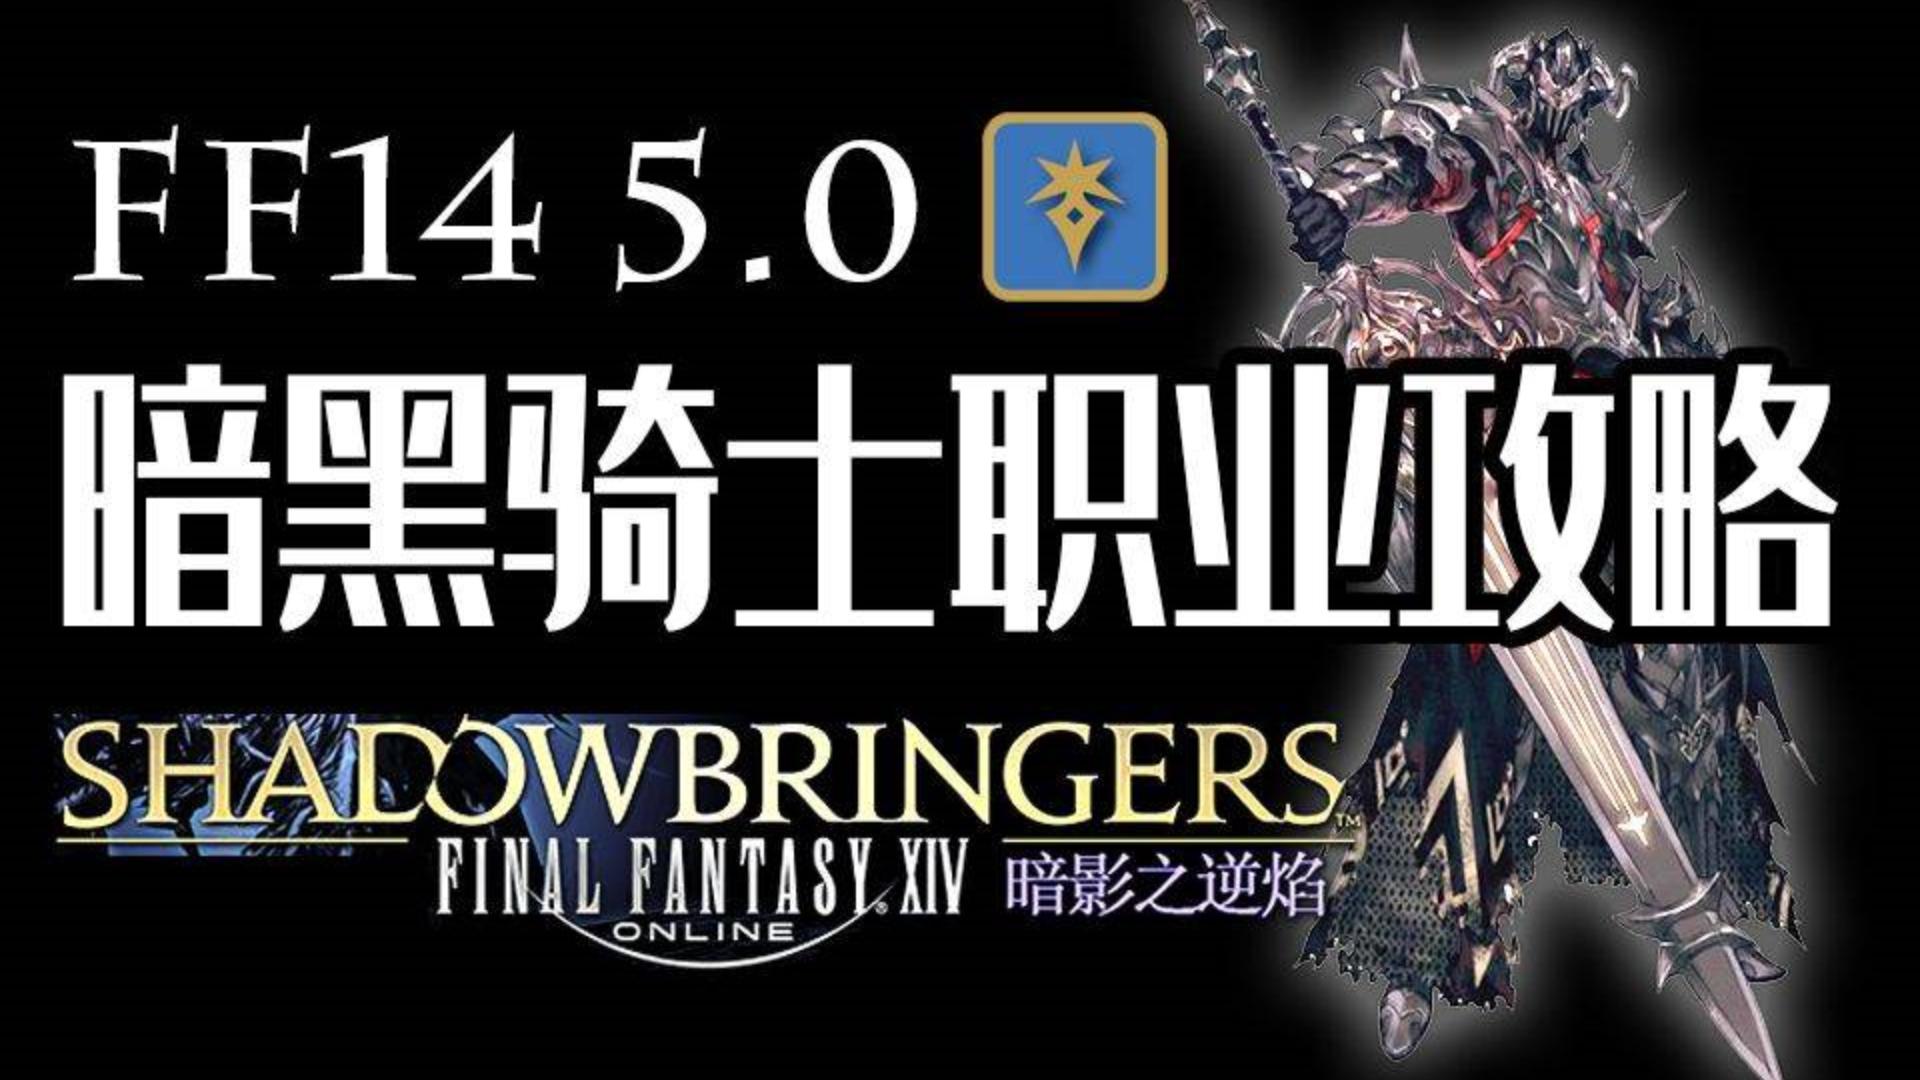 【FF14 5.0】暗黑骑士基础职业攻略丨5.0主角职业!